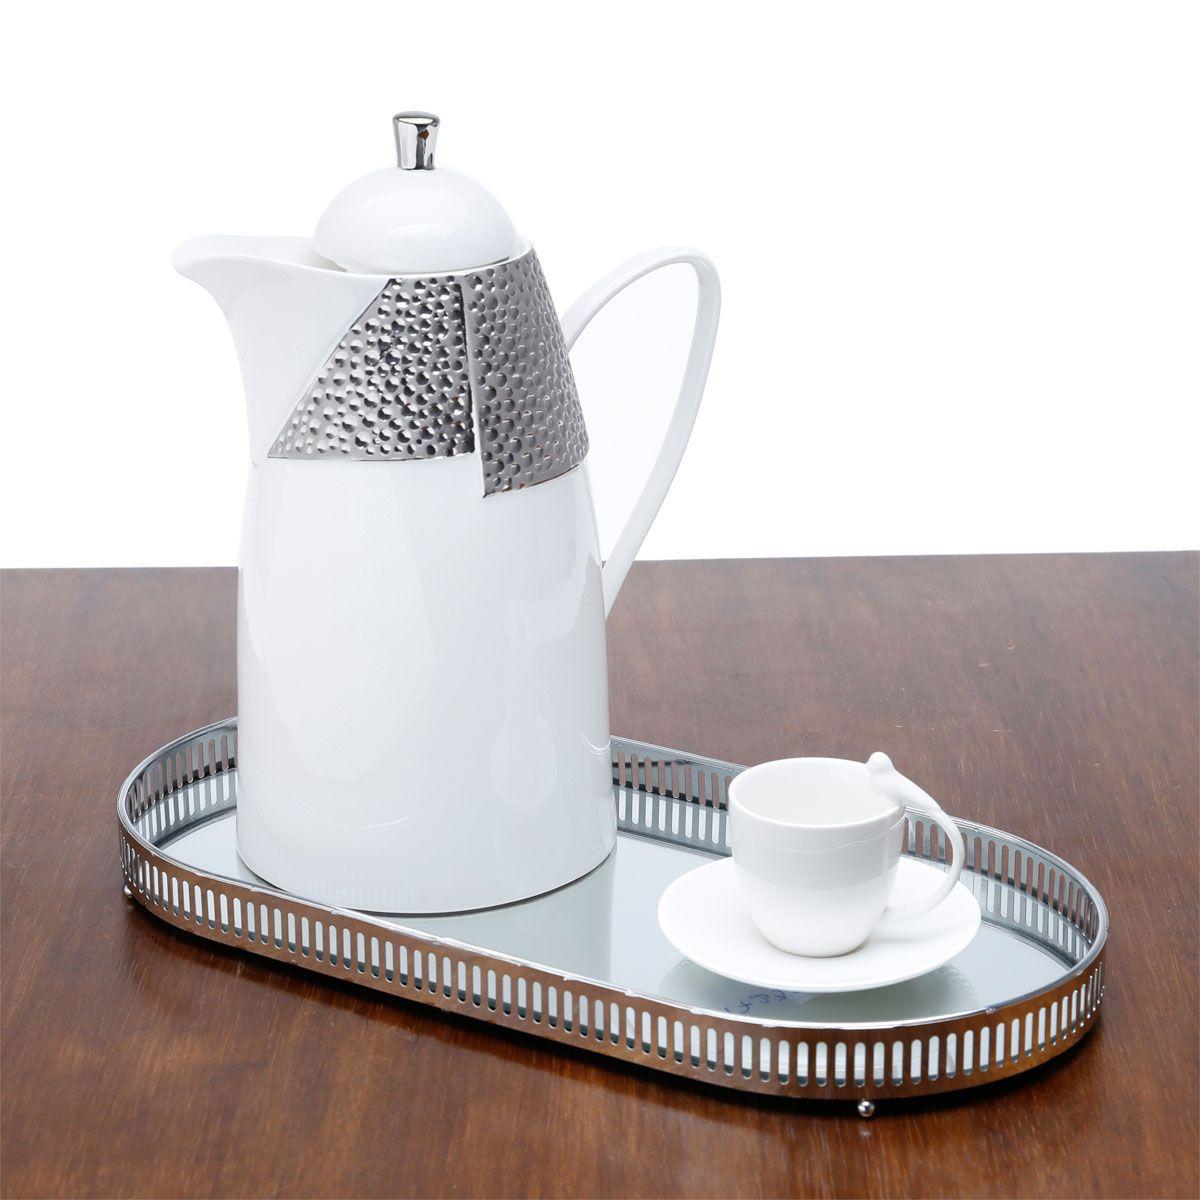 Jogo 6 xícaras 80ml para café de porcelana branca com pires Birds Wolff - 17236